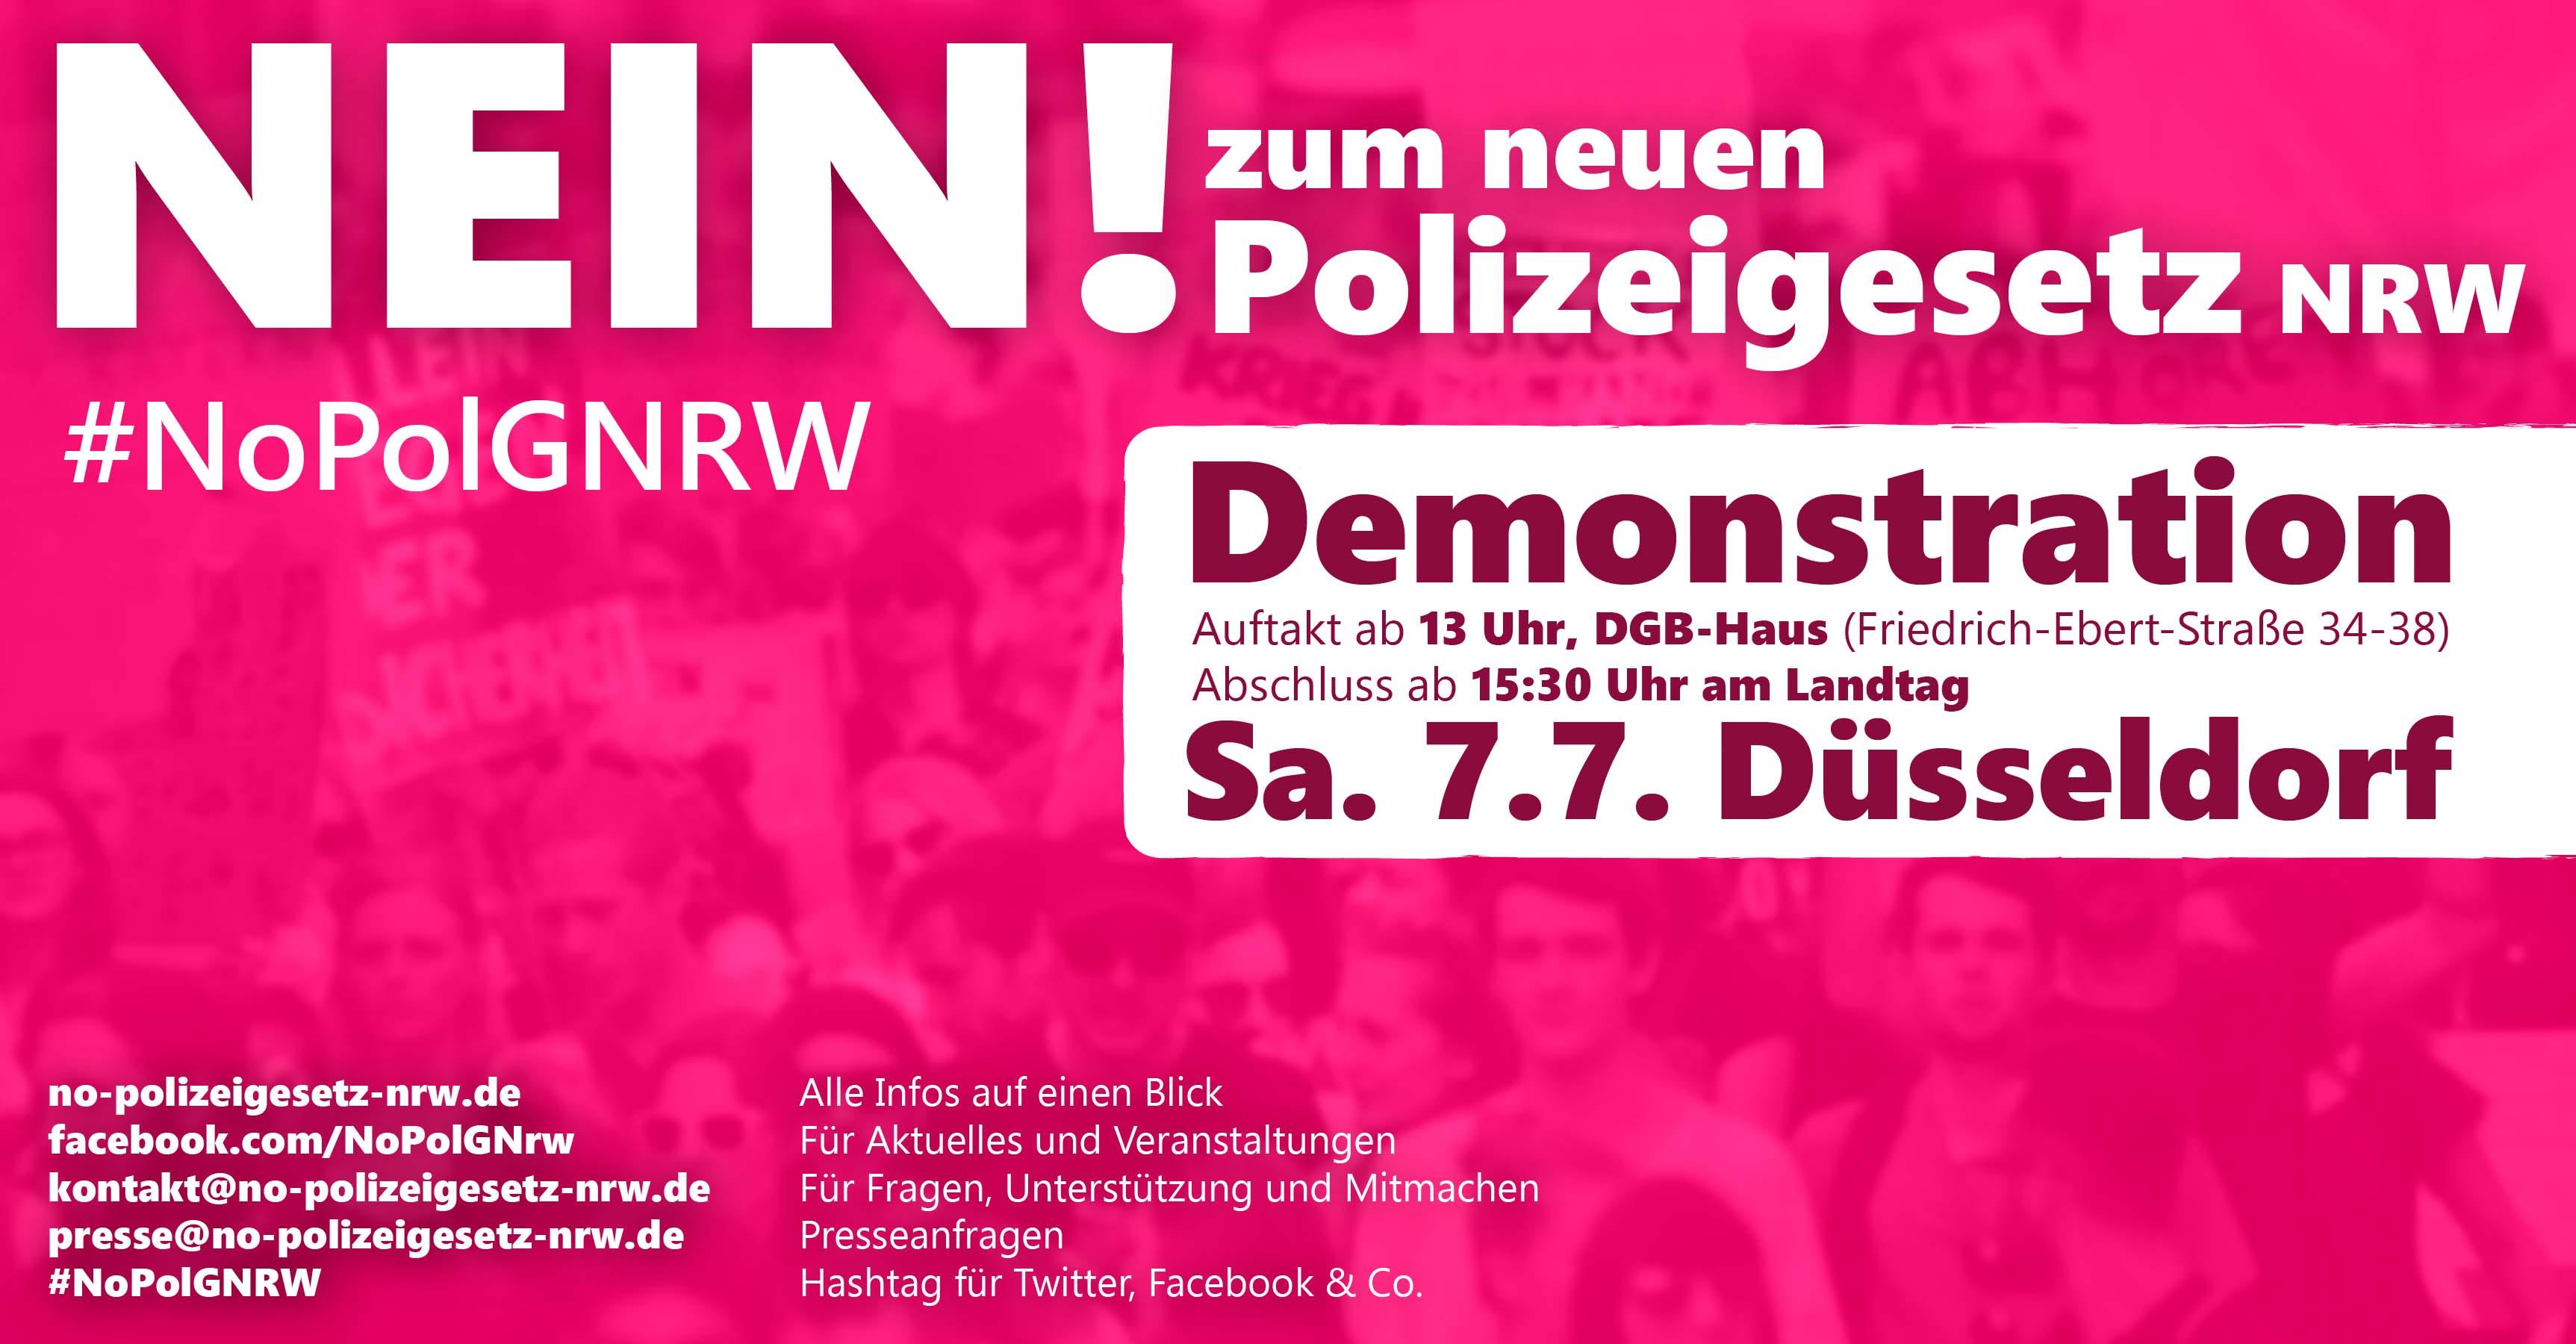 [Plakat: Nein zum neuen Polizeigesetz NRW]